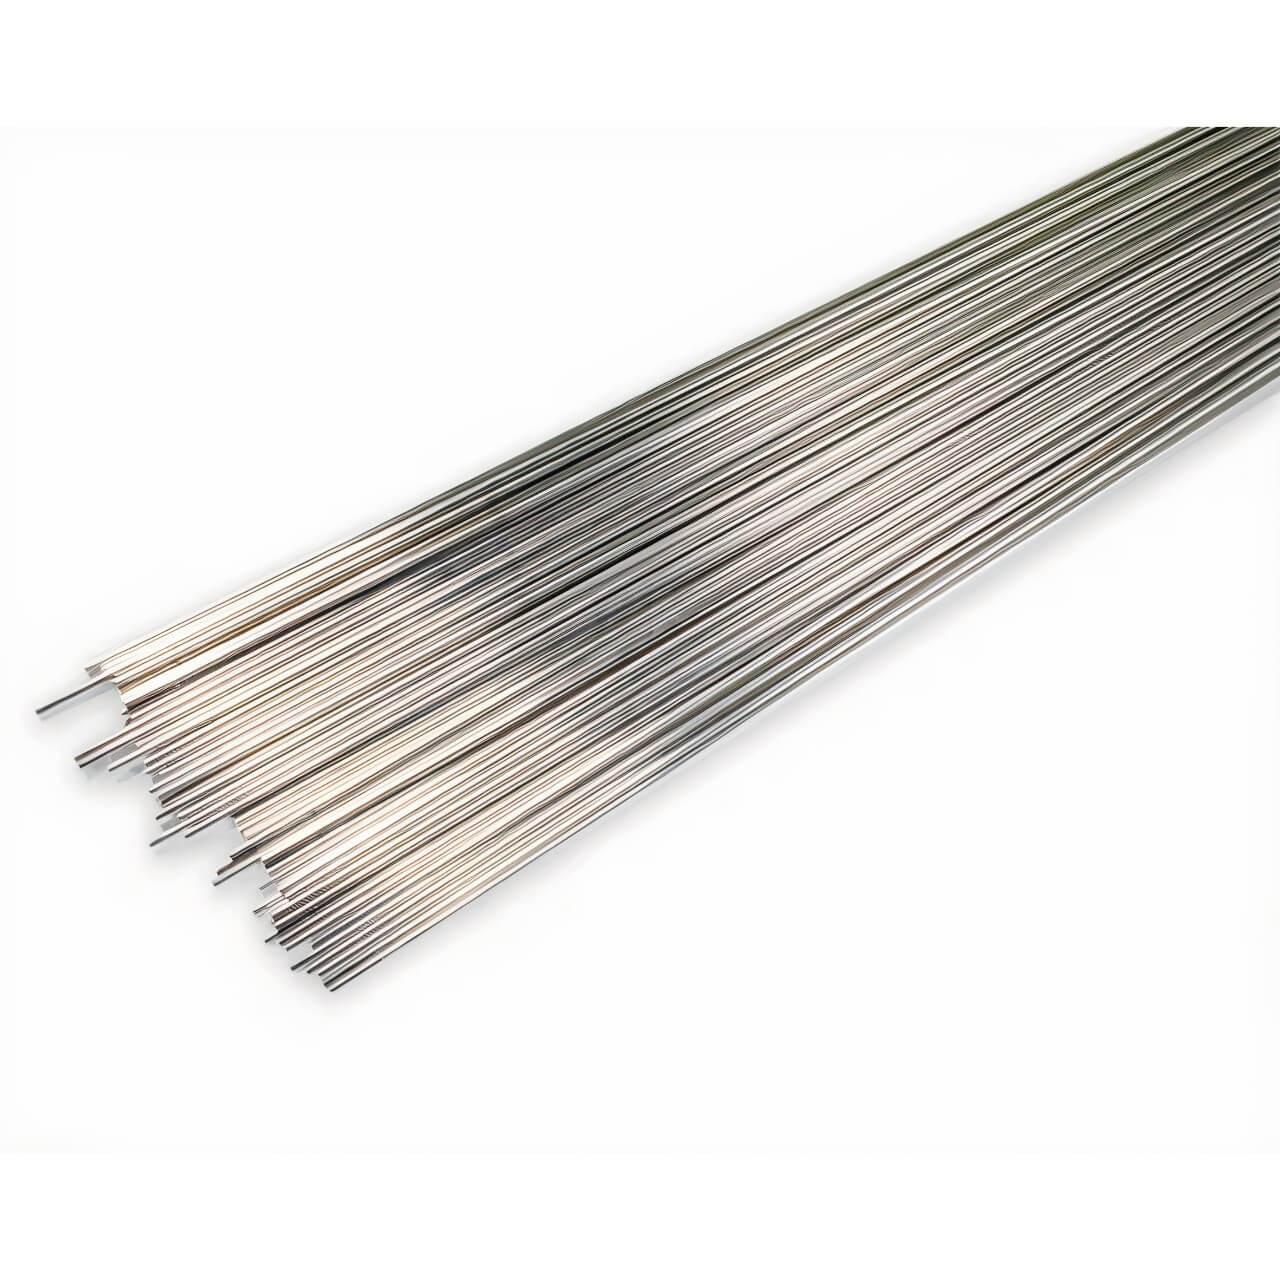 2.4mm 5356 Aluminium Tig Wire /kg